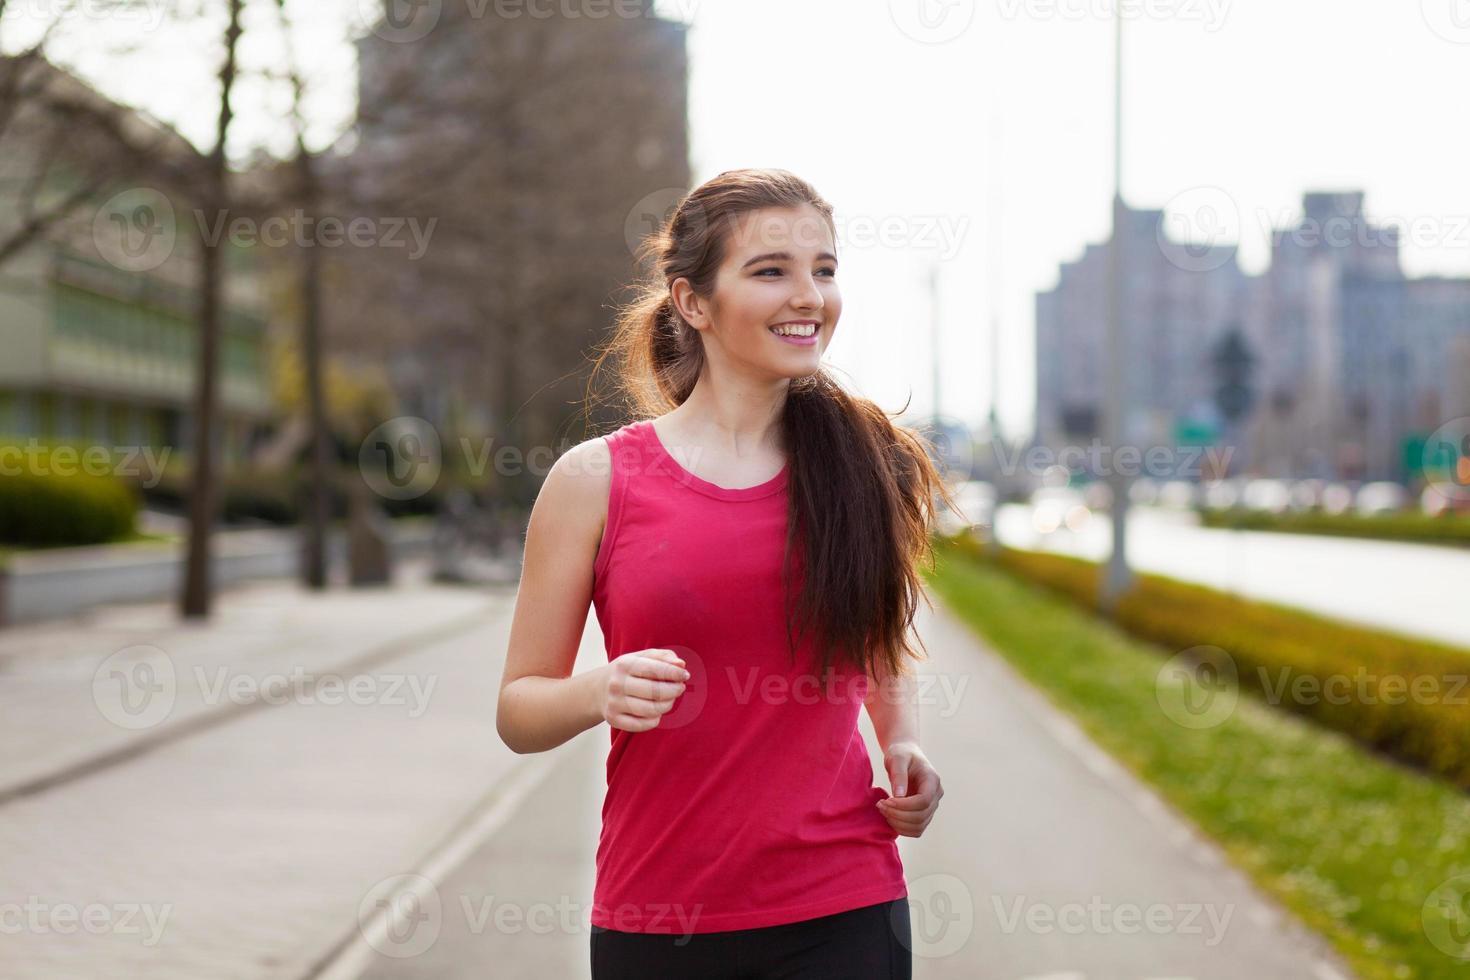 jovem mulher bonita correndo na cidade foto